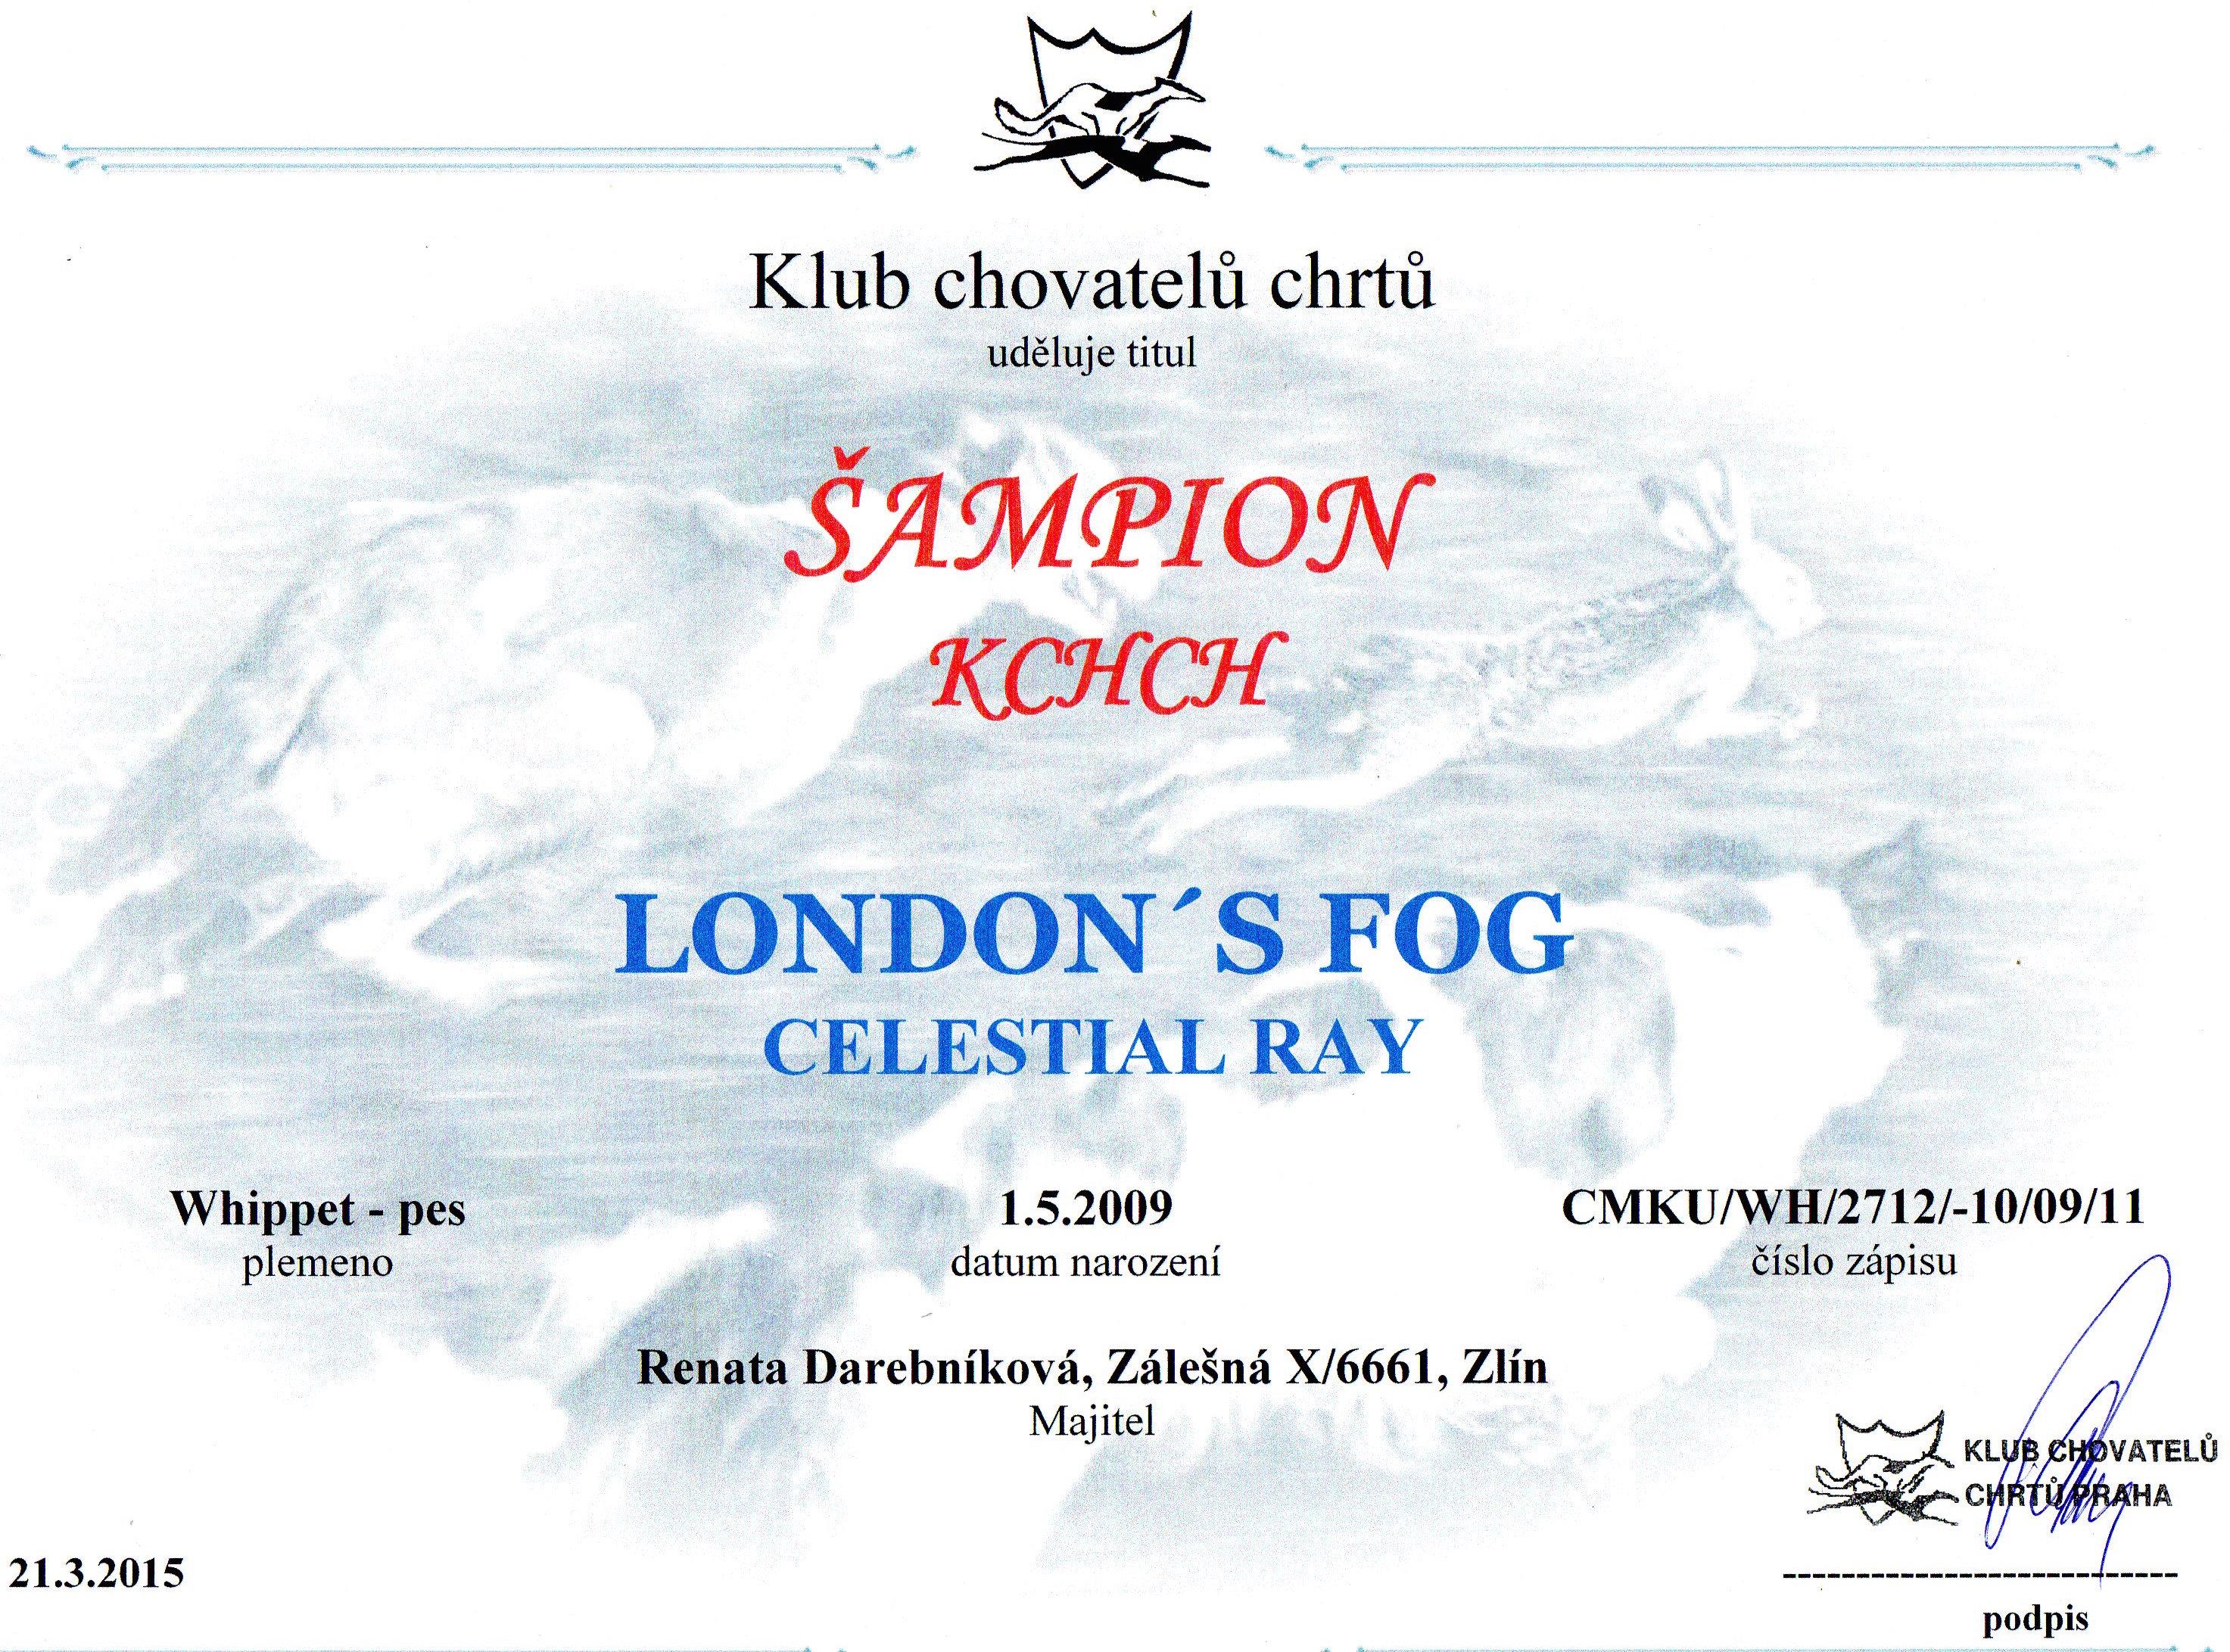 šampion KCHCH